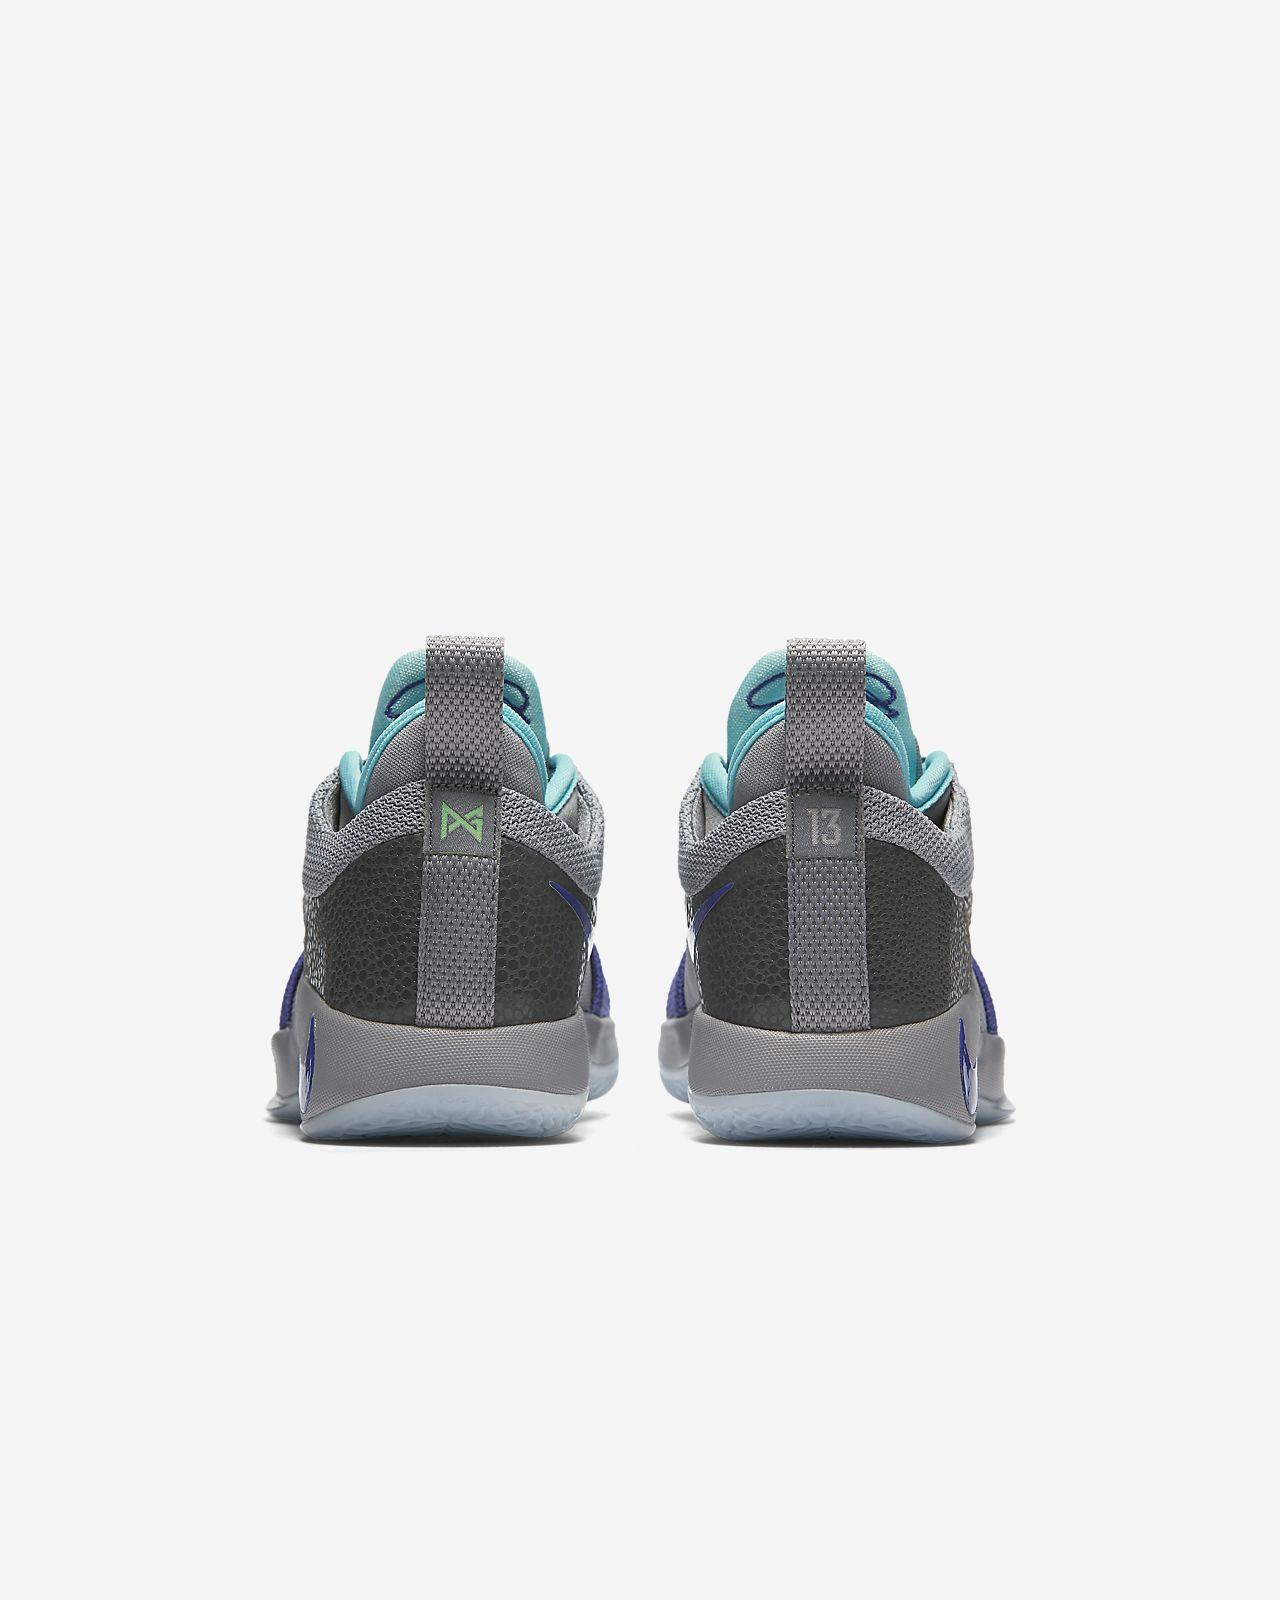 ... PG 2 Older Kids' Basketball Shoe